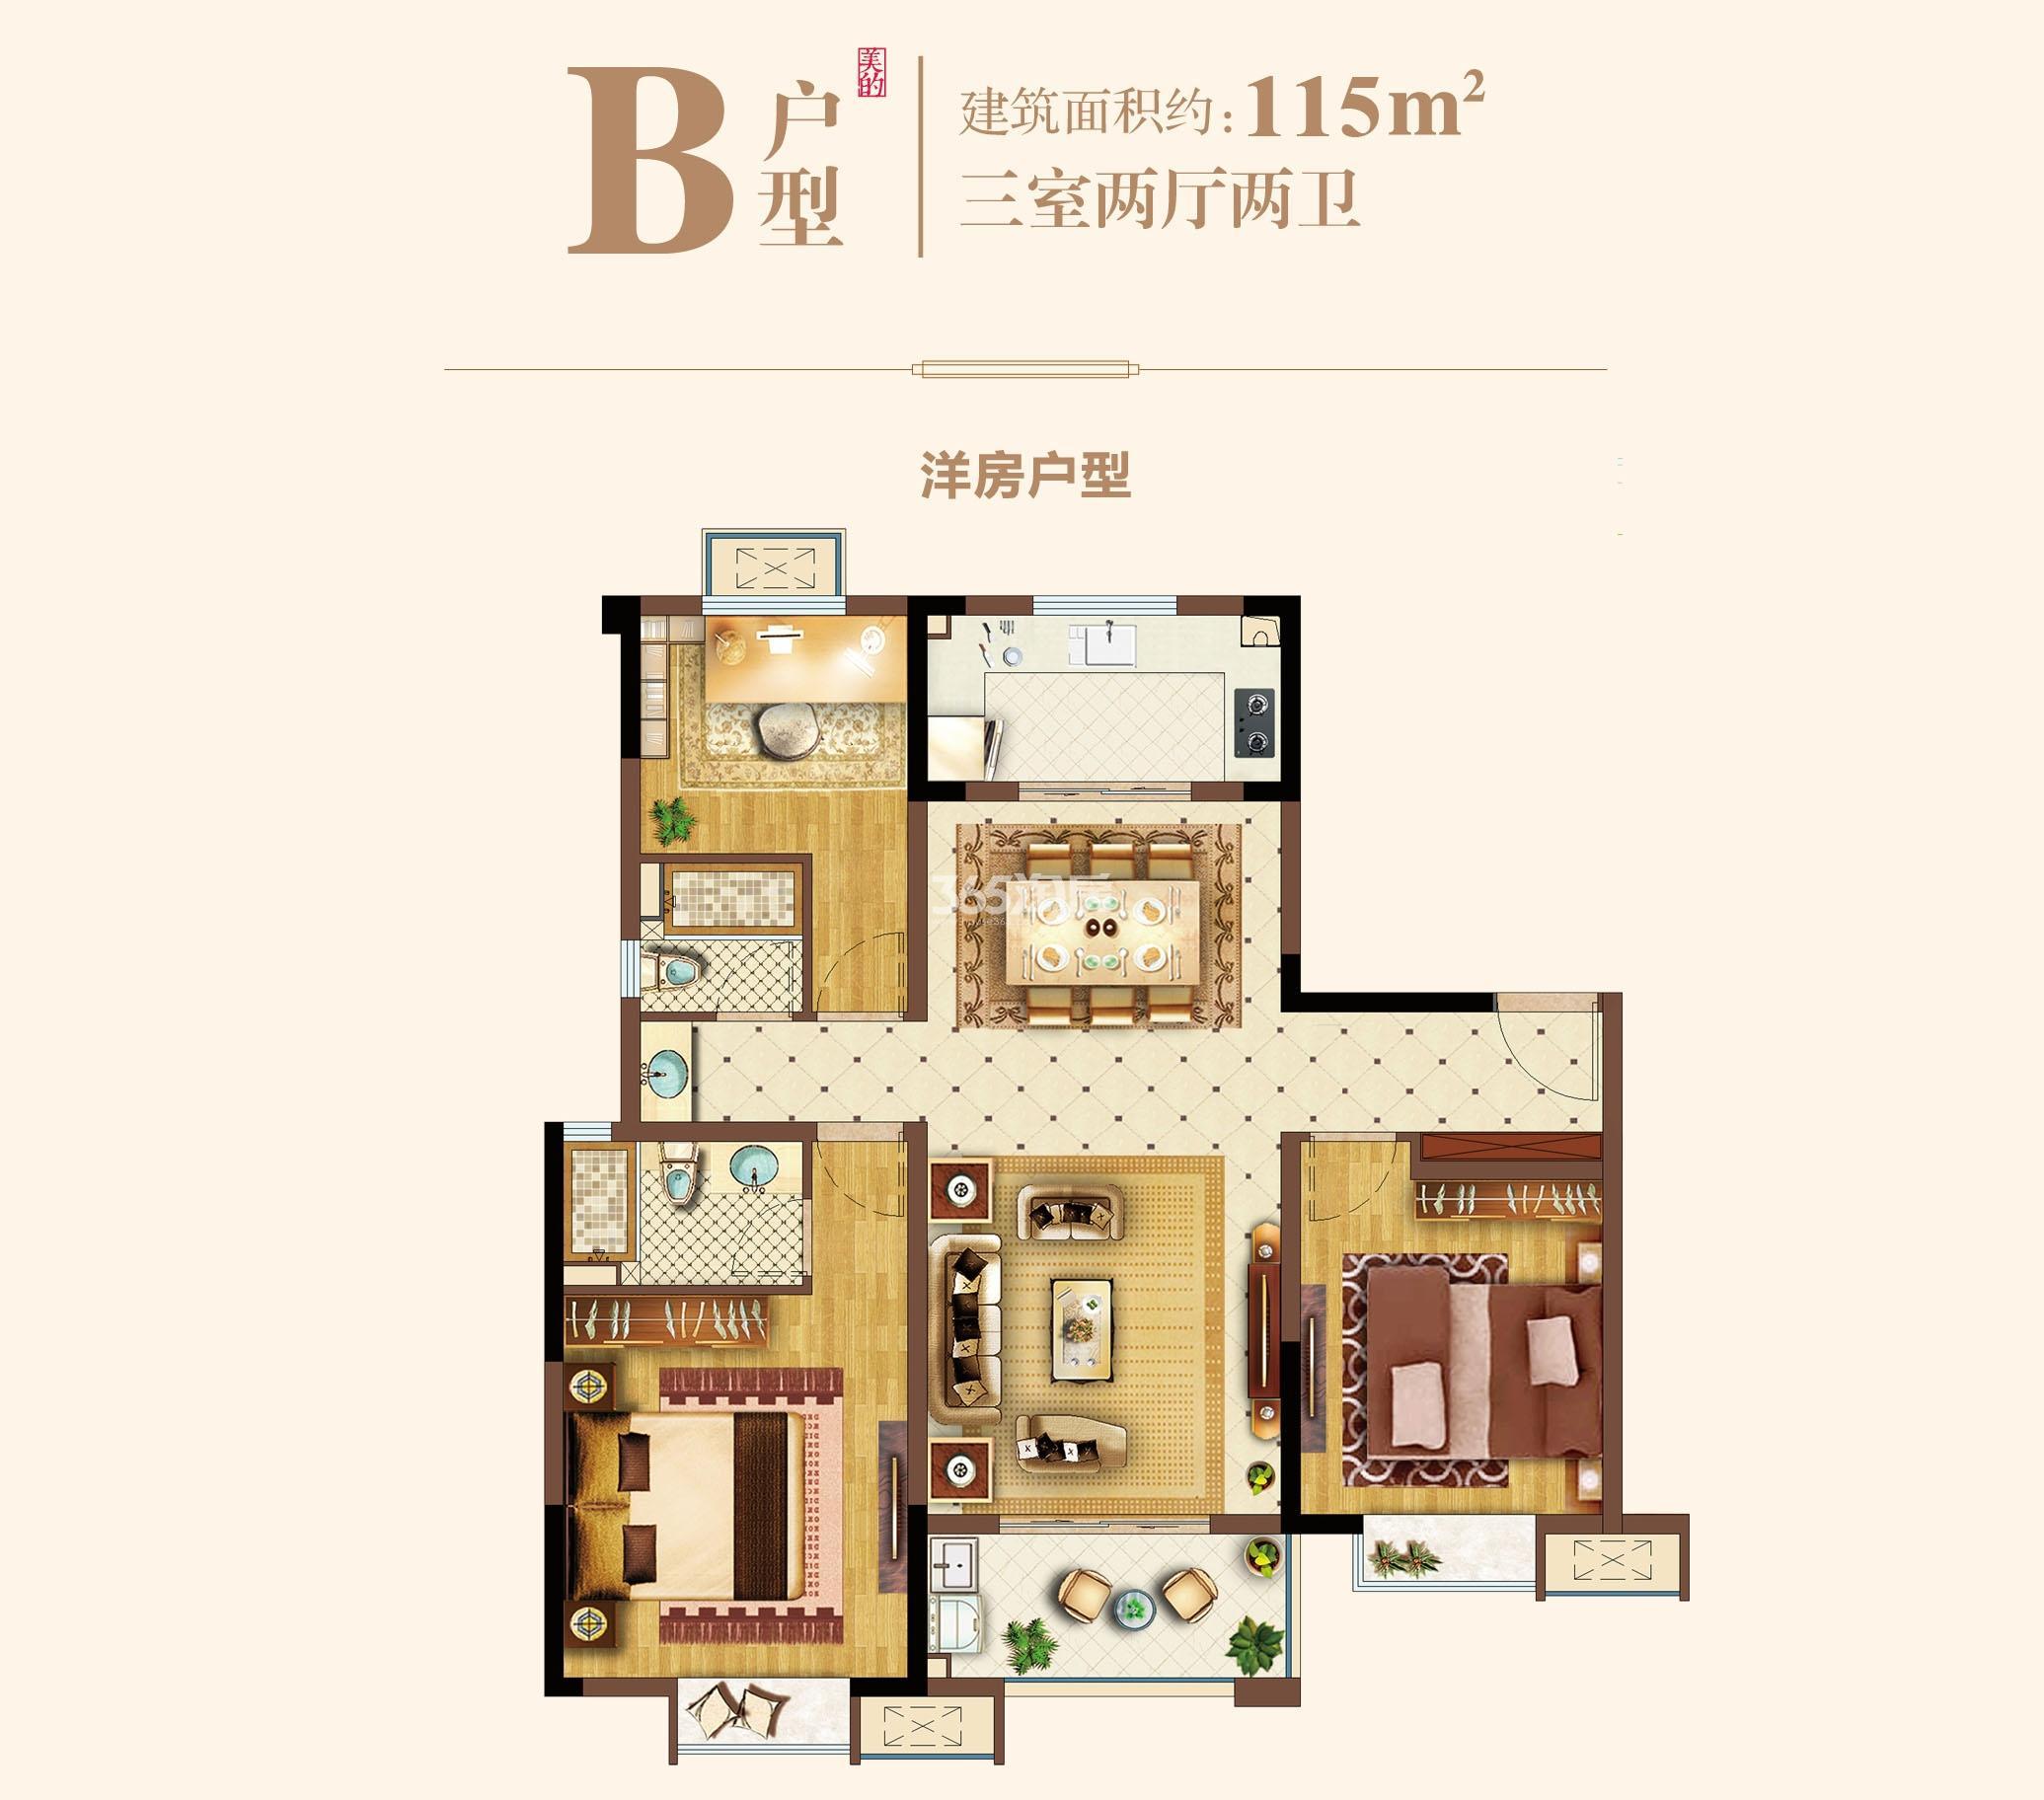 洋房B户型115㎡三室两厅两卫